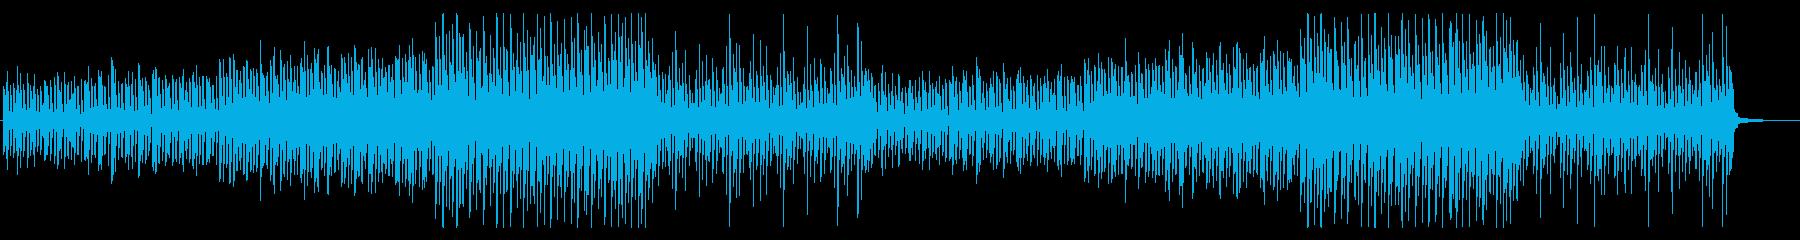 ハプニング慌ただしい ドタバタ コミカルの再生済みの波形